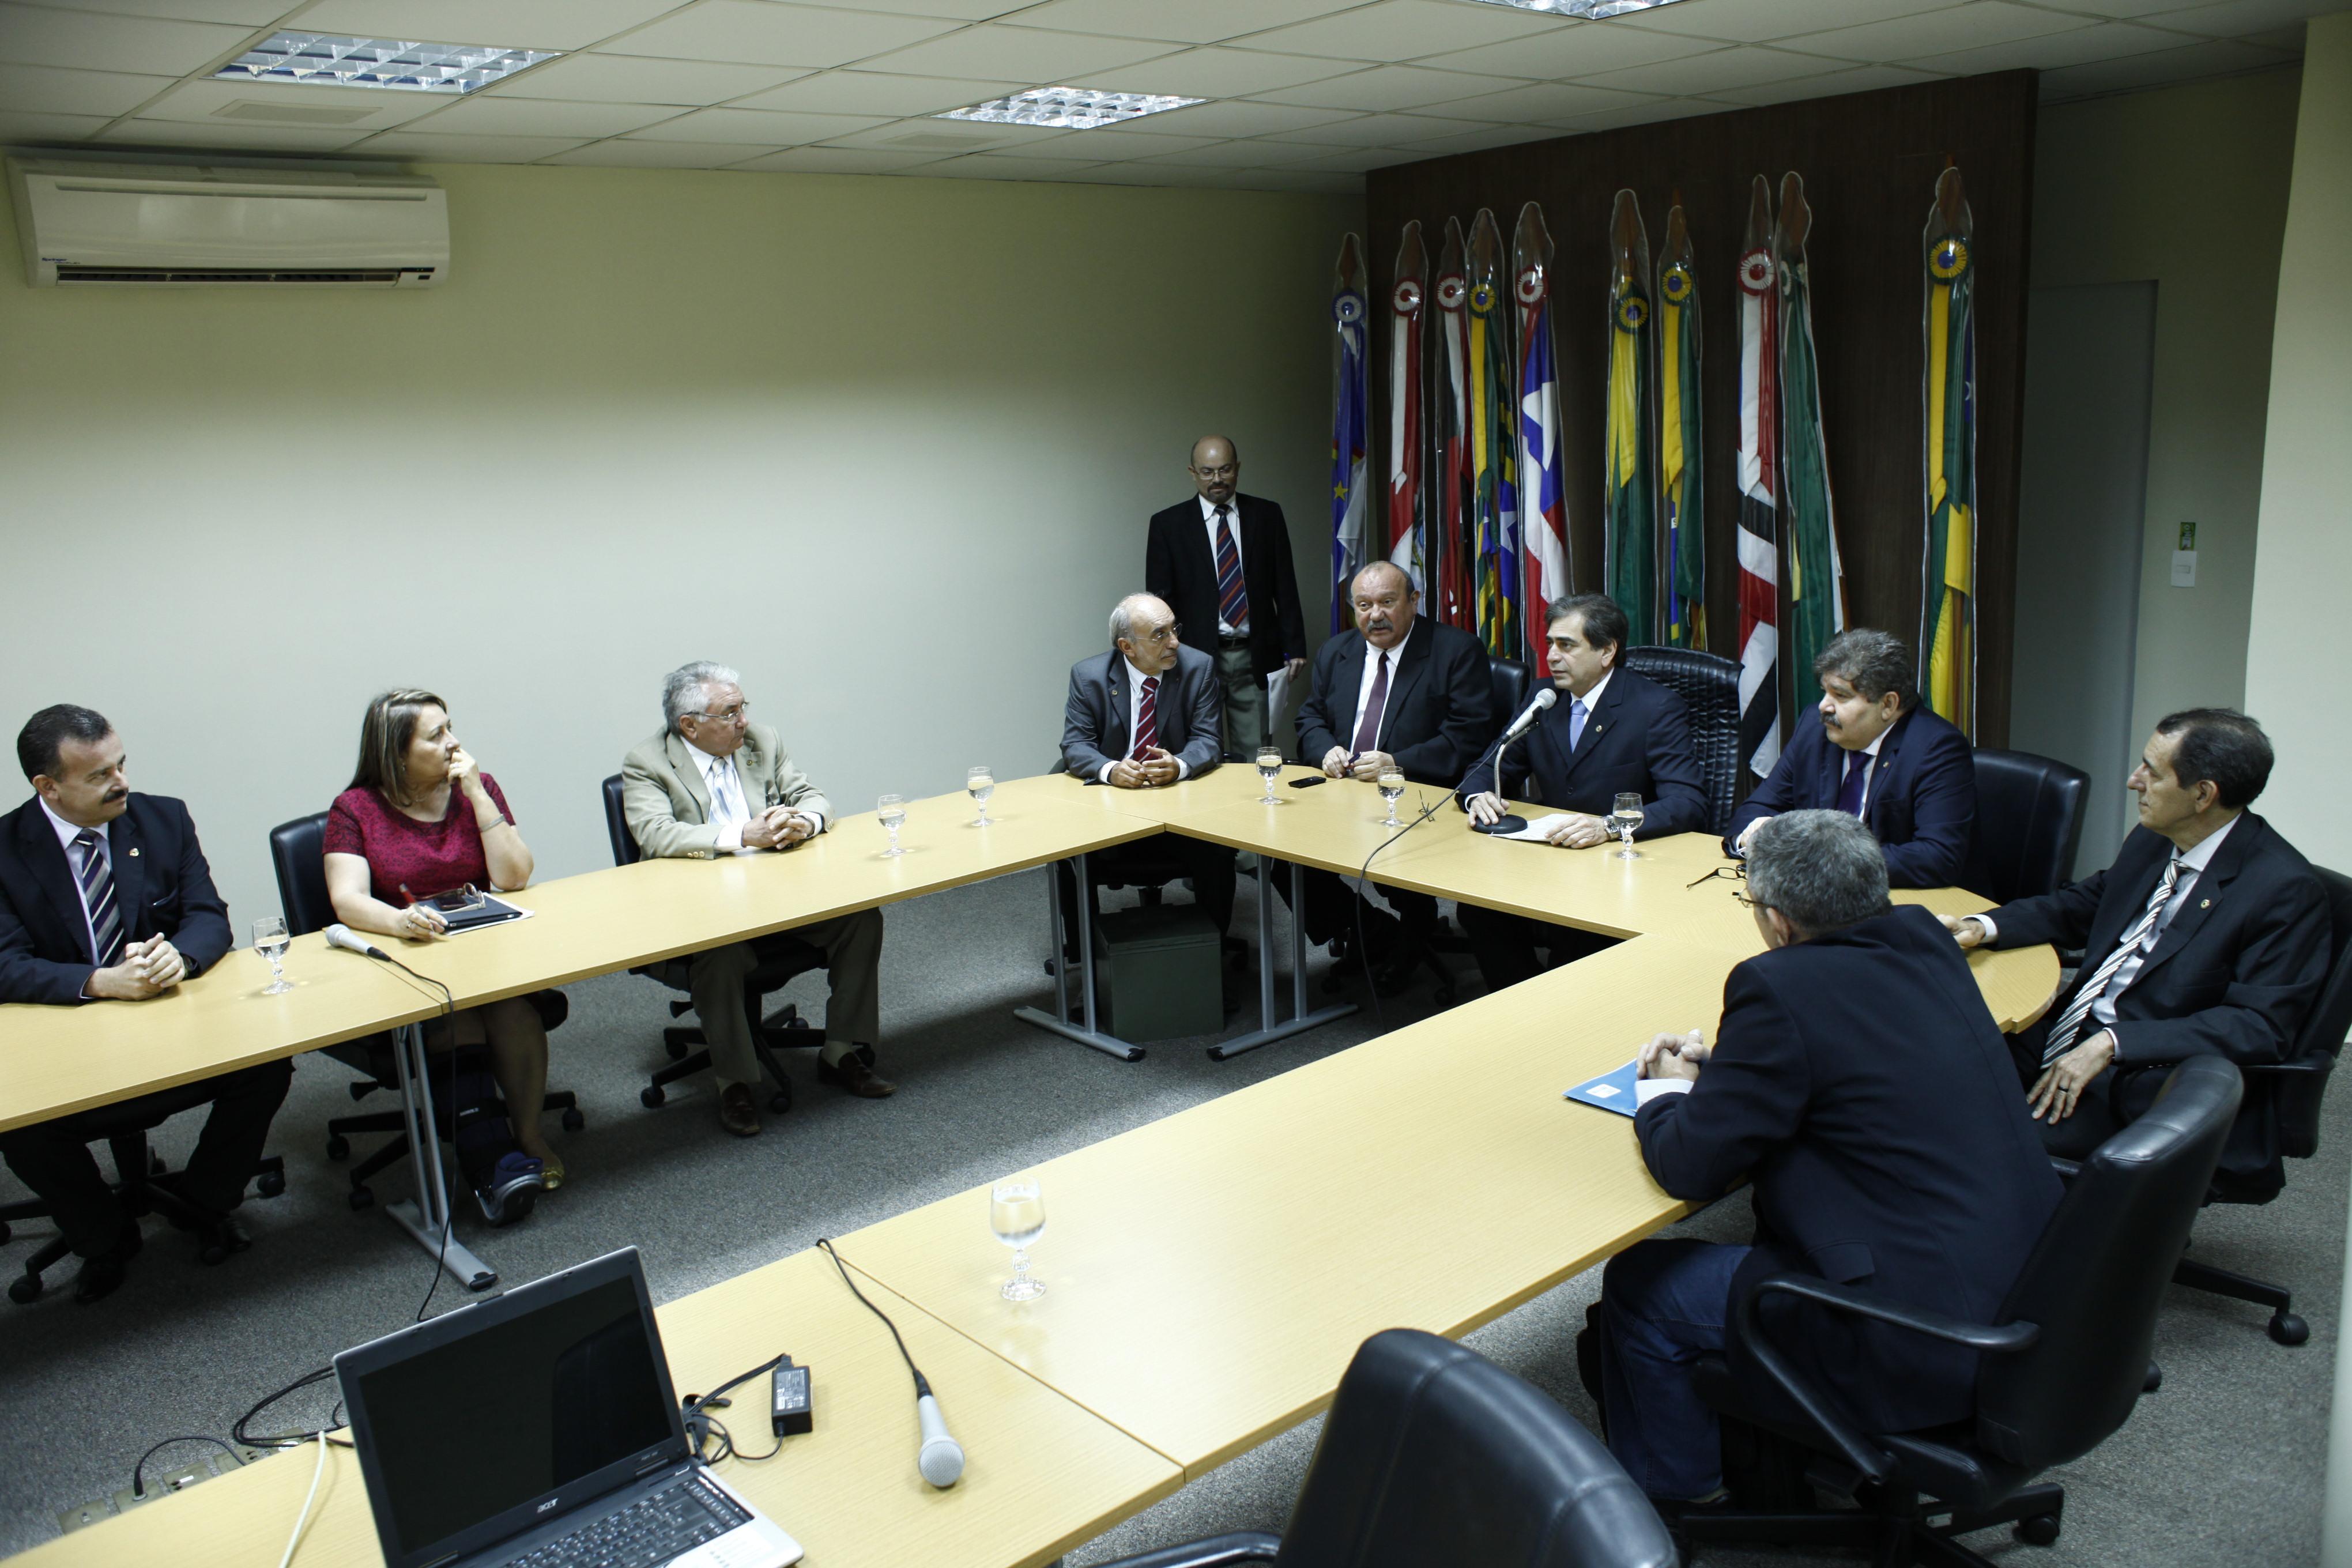 Após 40 dias, a Comissão Parlamentar de Inquérito (CPI) da Telefonia Móvel foi instalada oficialmente